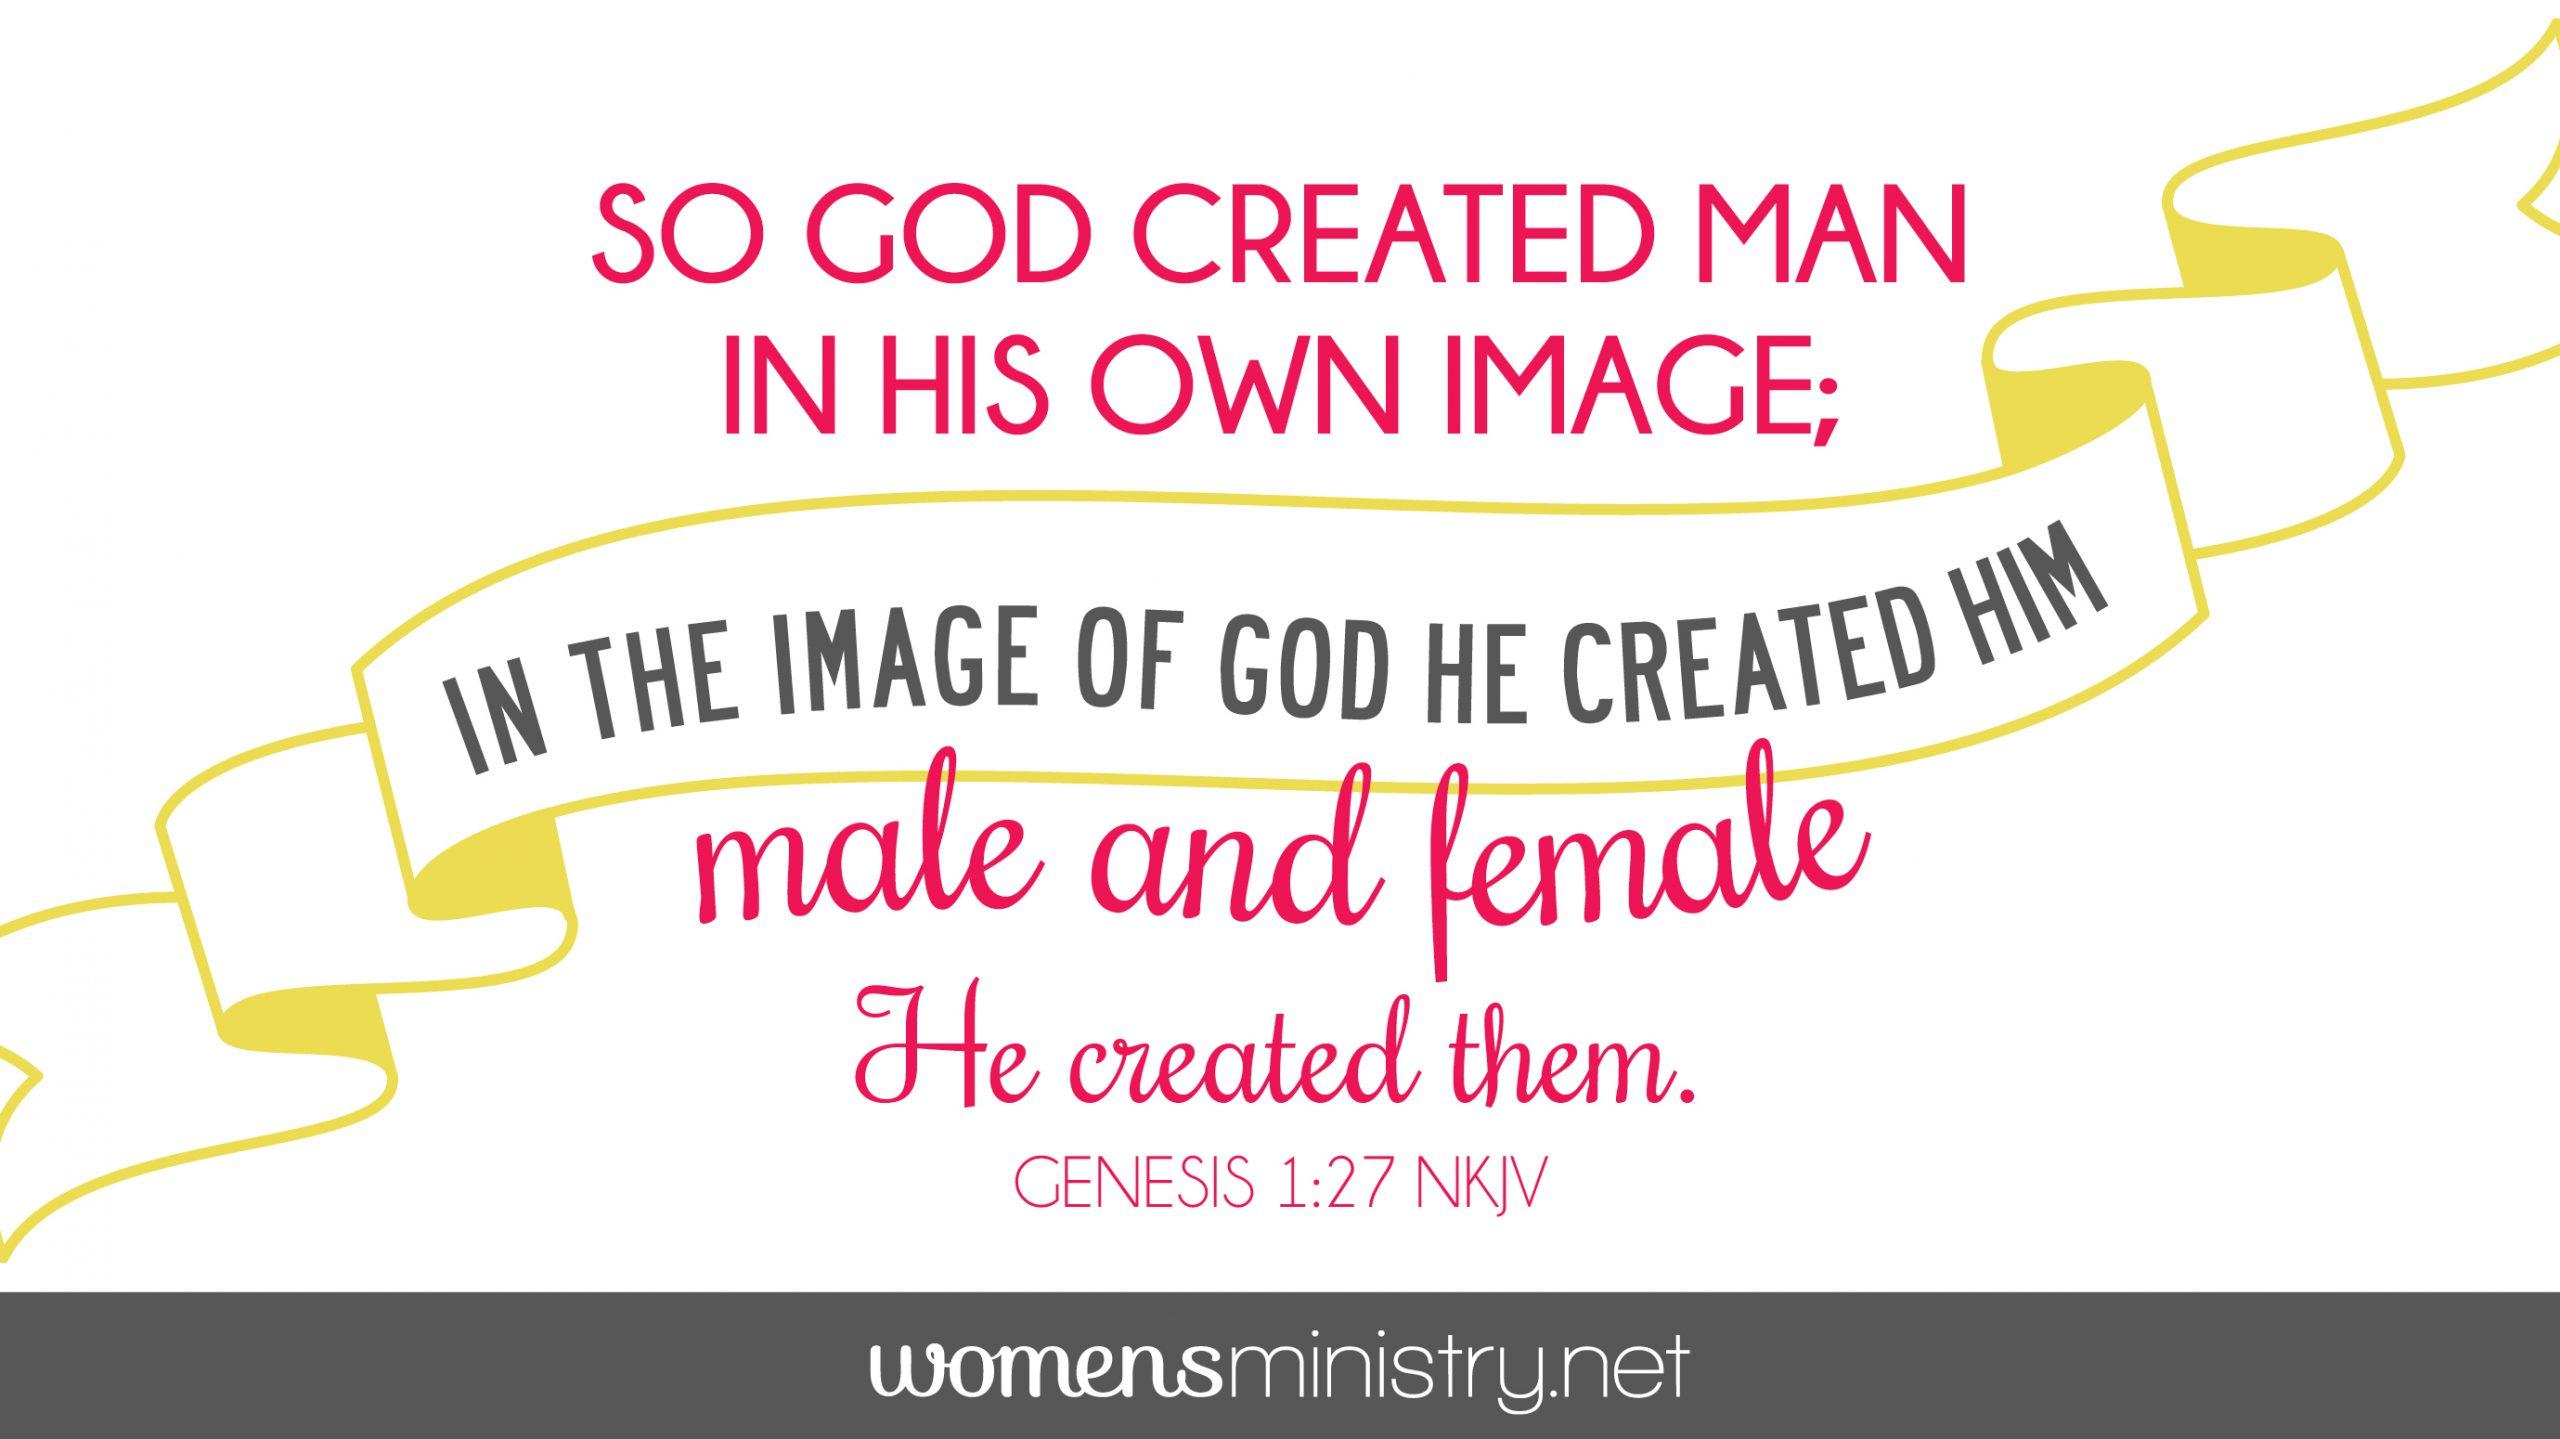 Genesis 1:27 image